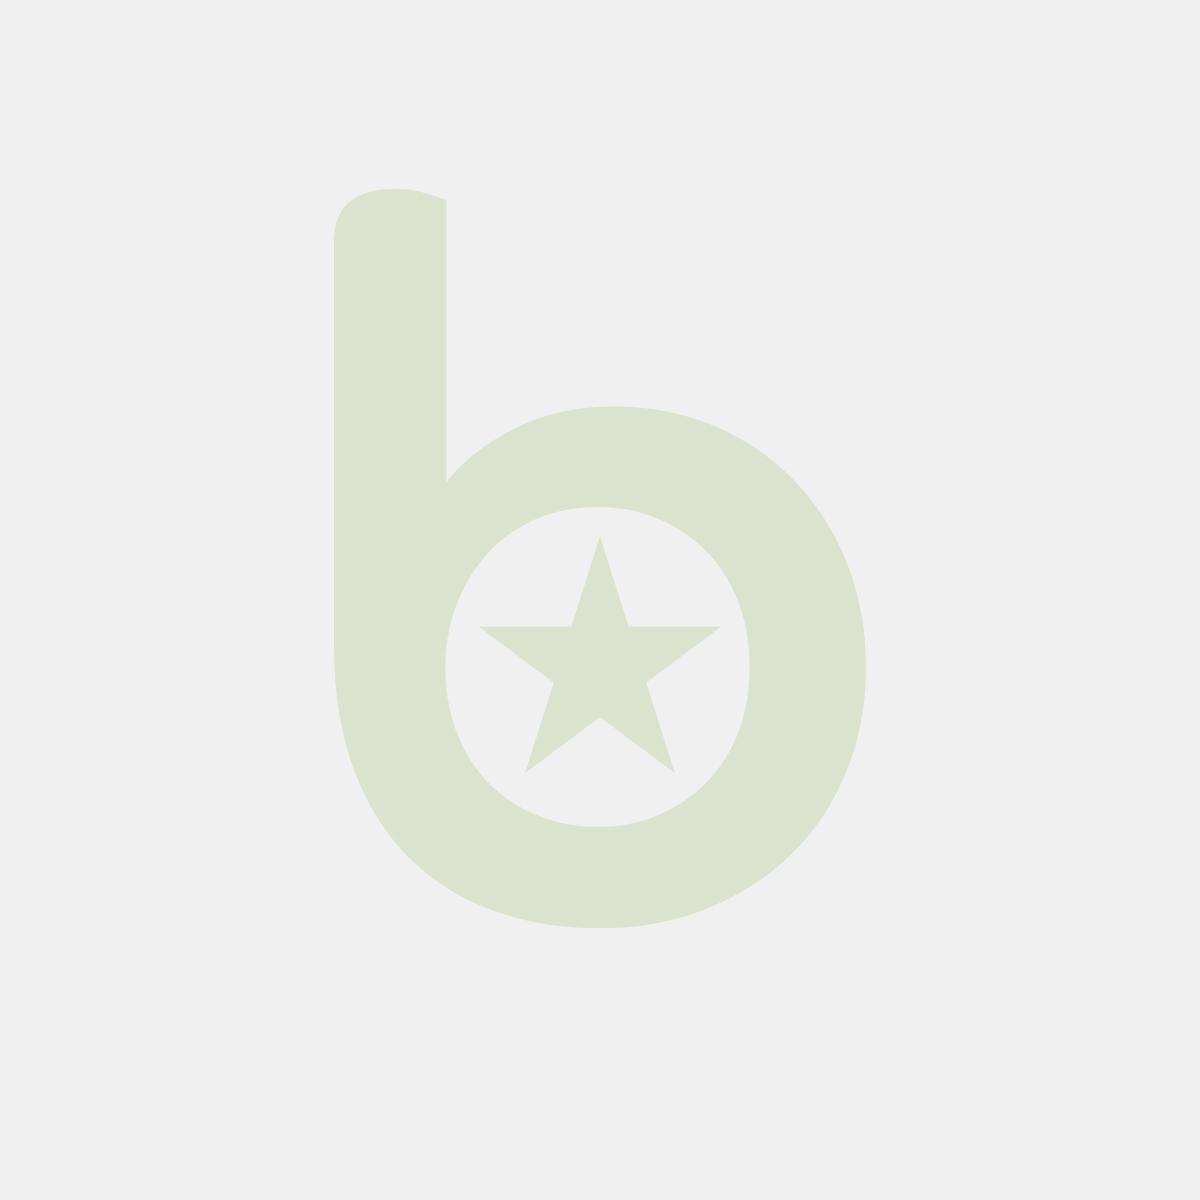 Tacka styropianowa biała nr 73 (225x138x17mm), cena za 800 sztuk